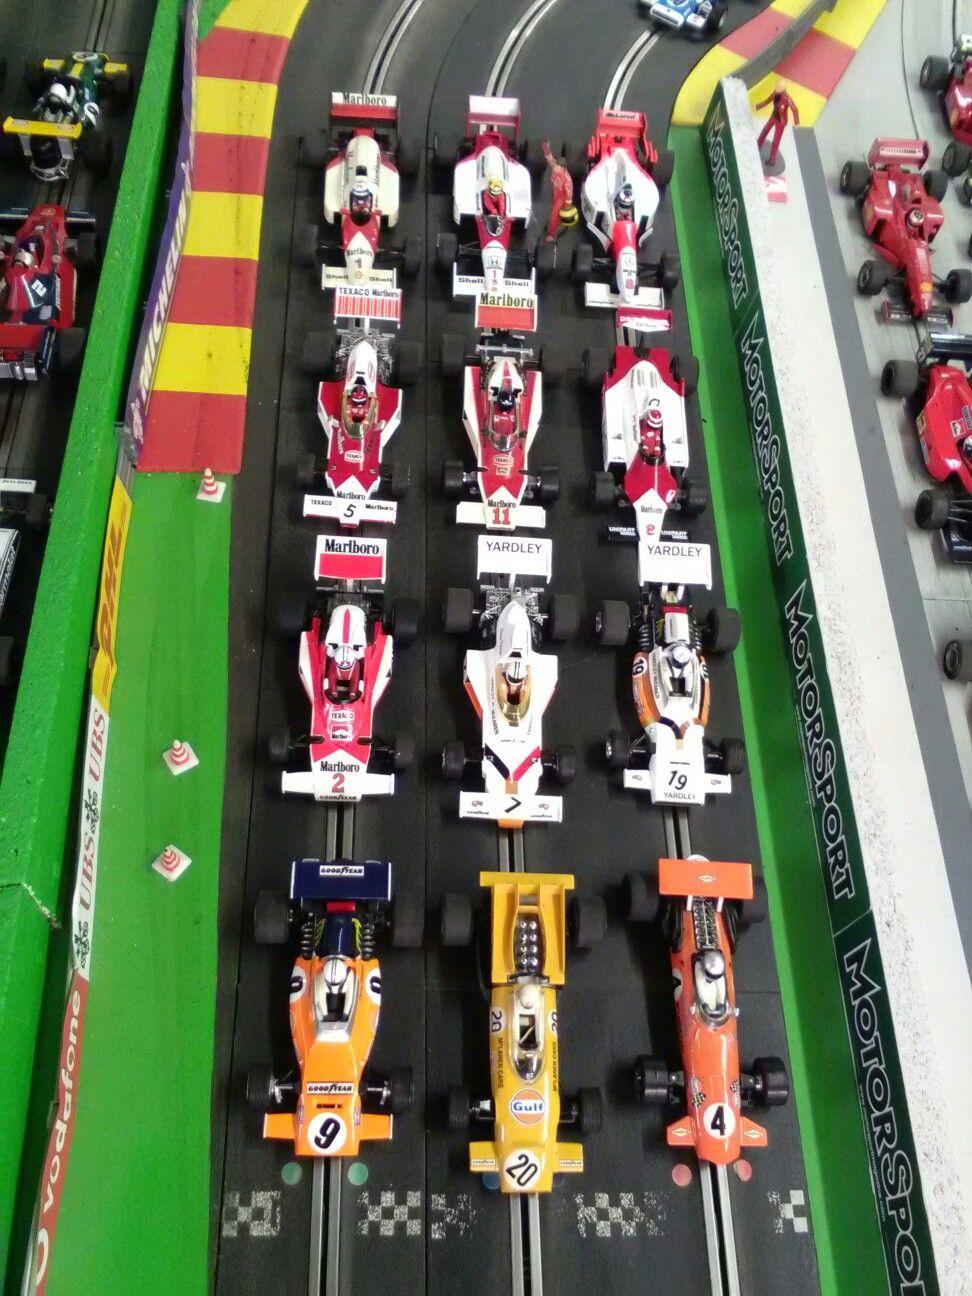 McLaren F1 cars.